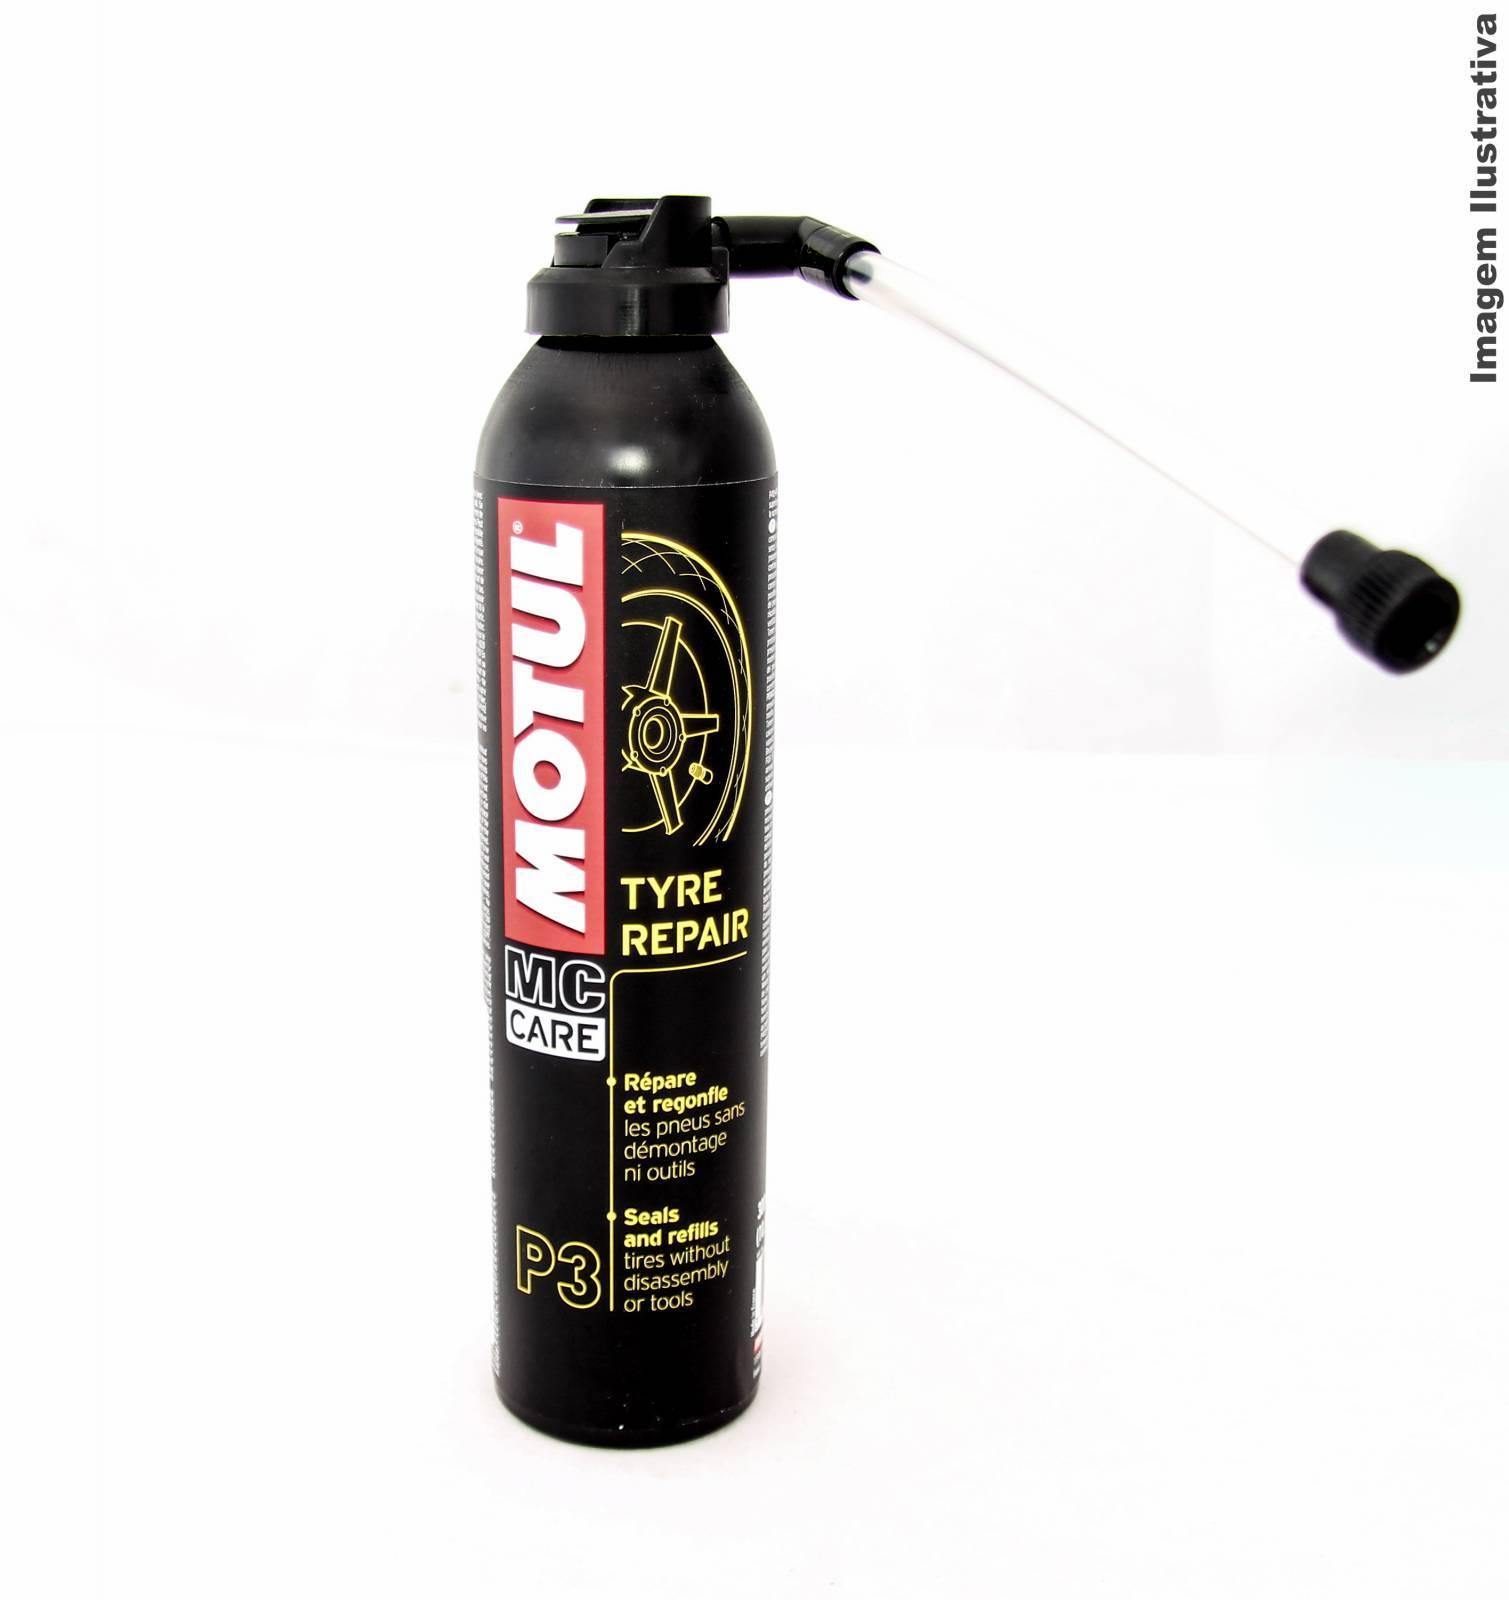 Tyre Repair - Motul -300ml | DUB Store